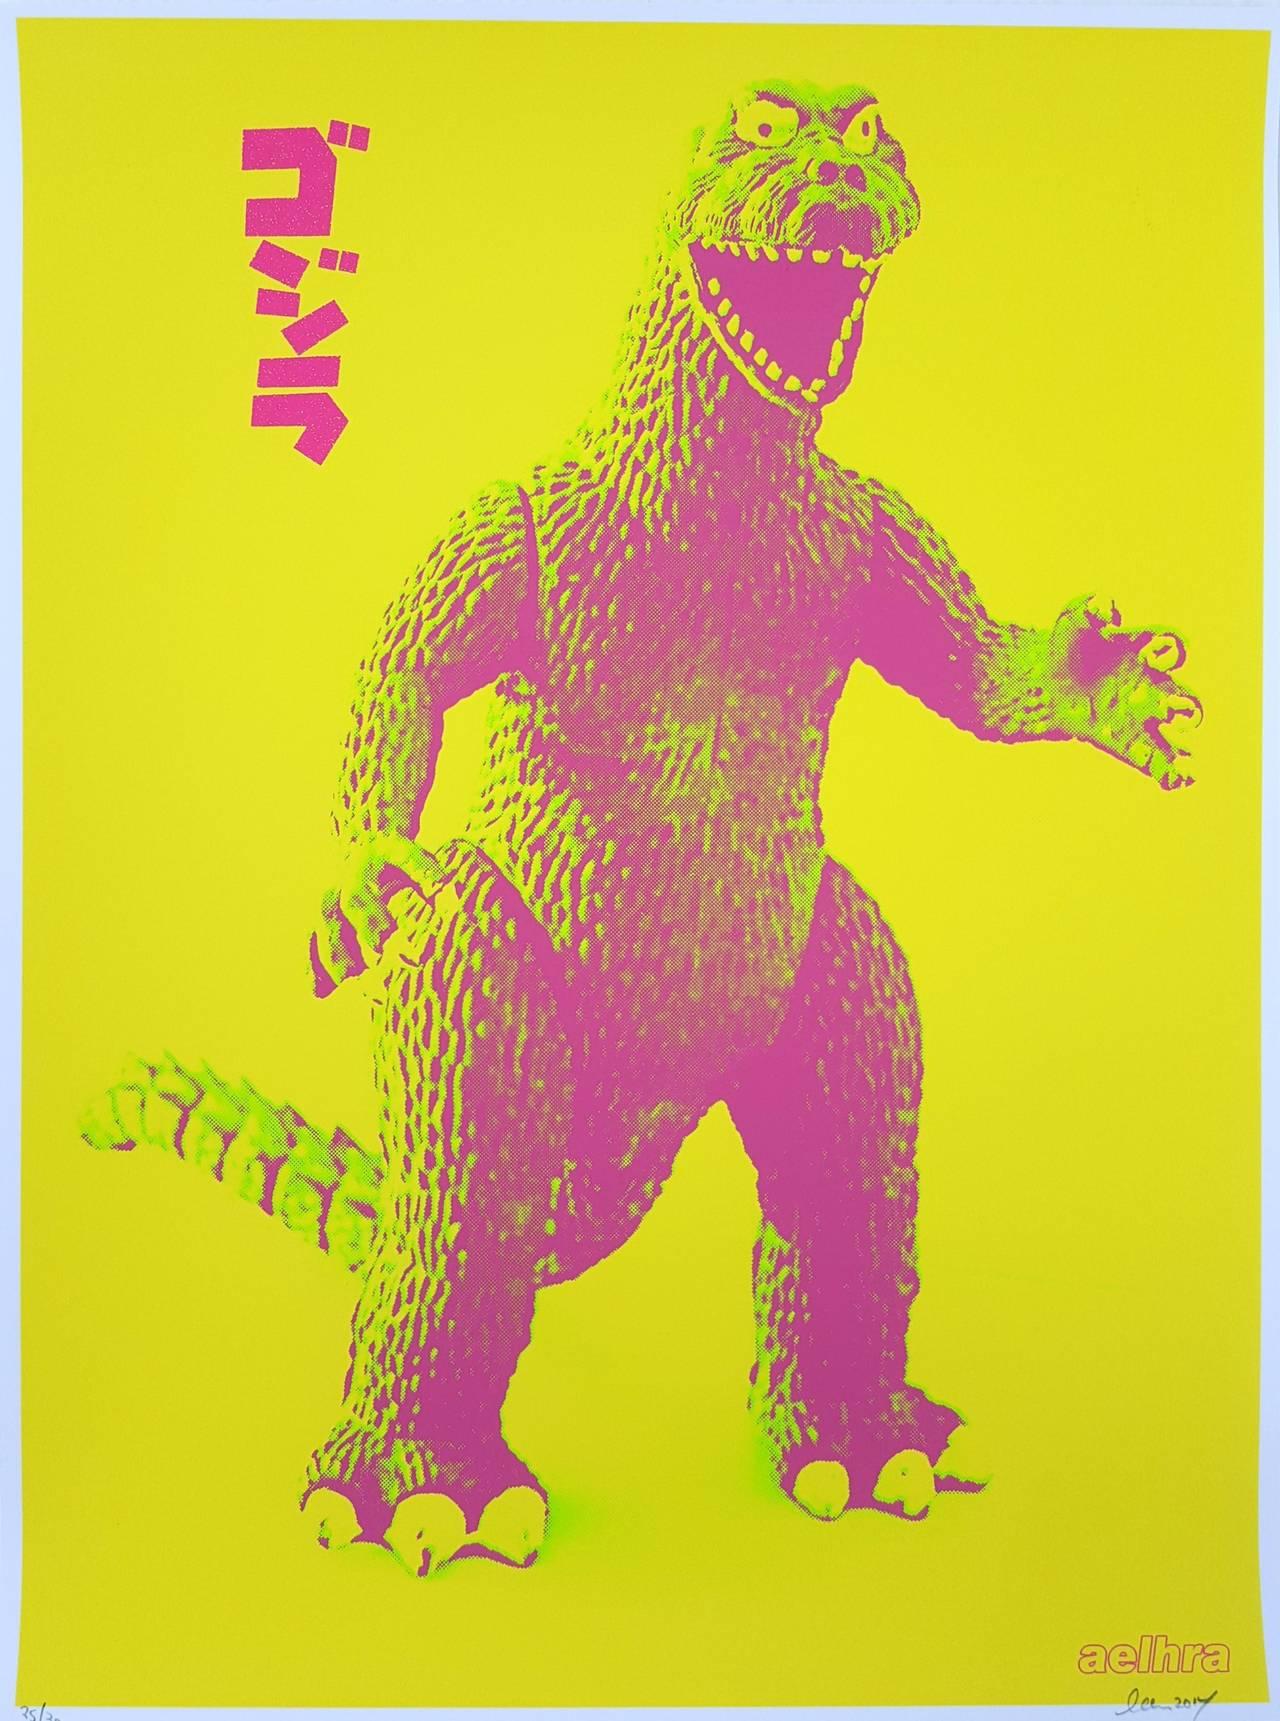 Aelhra - Gojira Godzilla, Print For Sale at 1stdibs